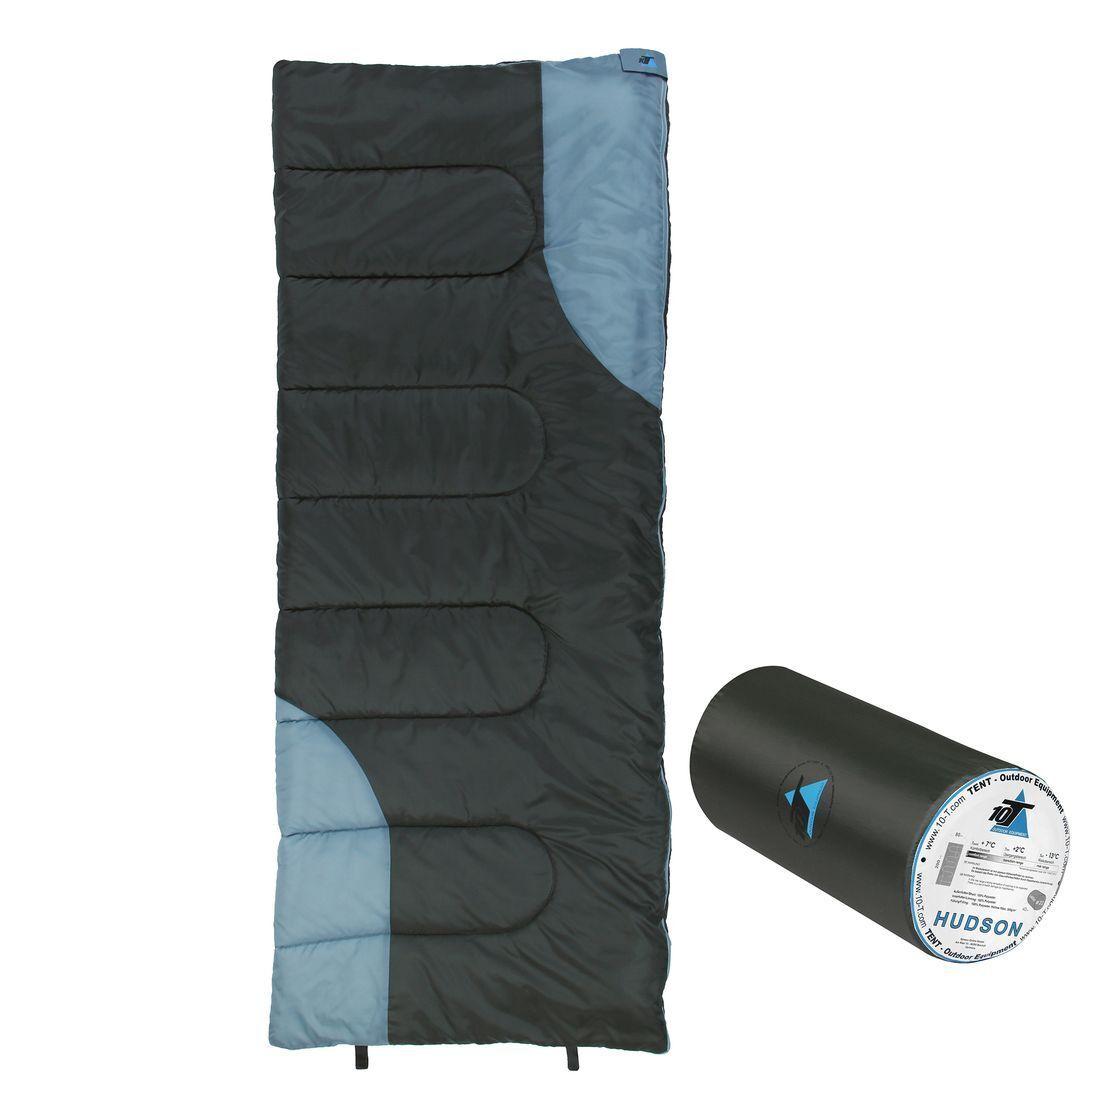 10T Hudson Camping Schlafsack -13°C Outdoor Deckenschlafsack 200x80 cm 1400g